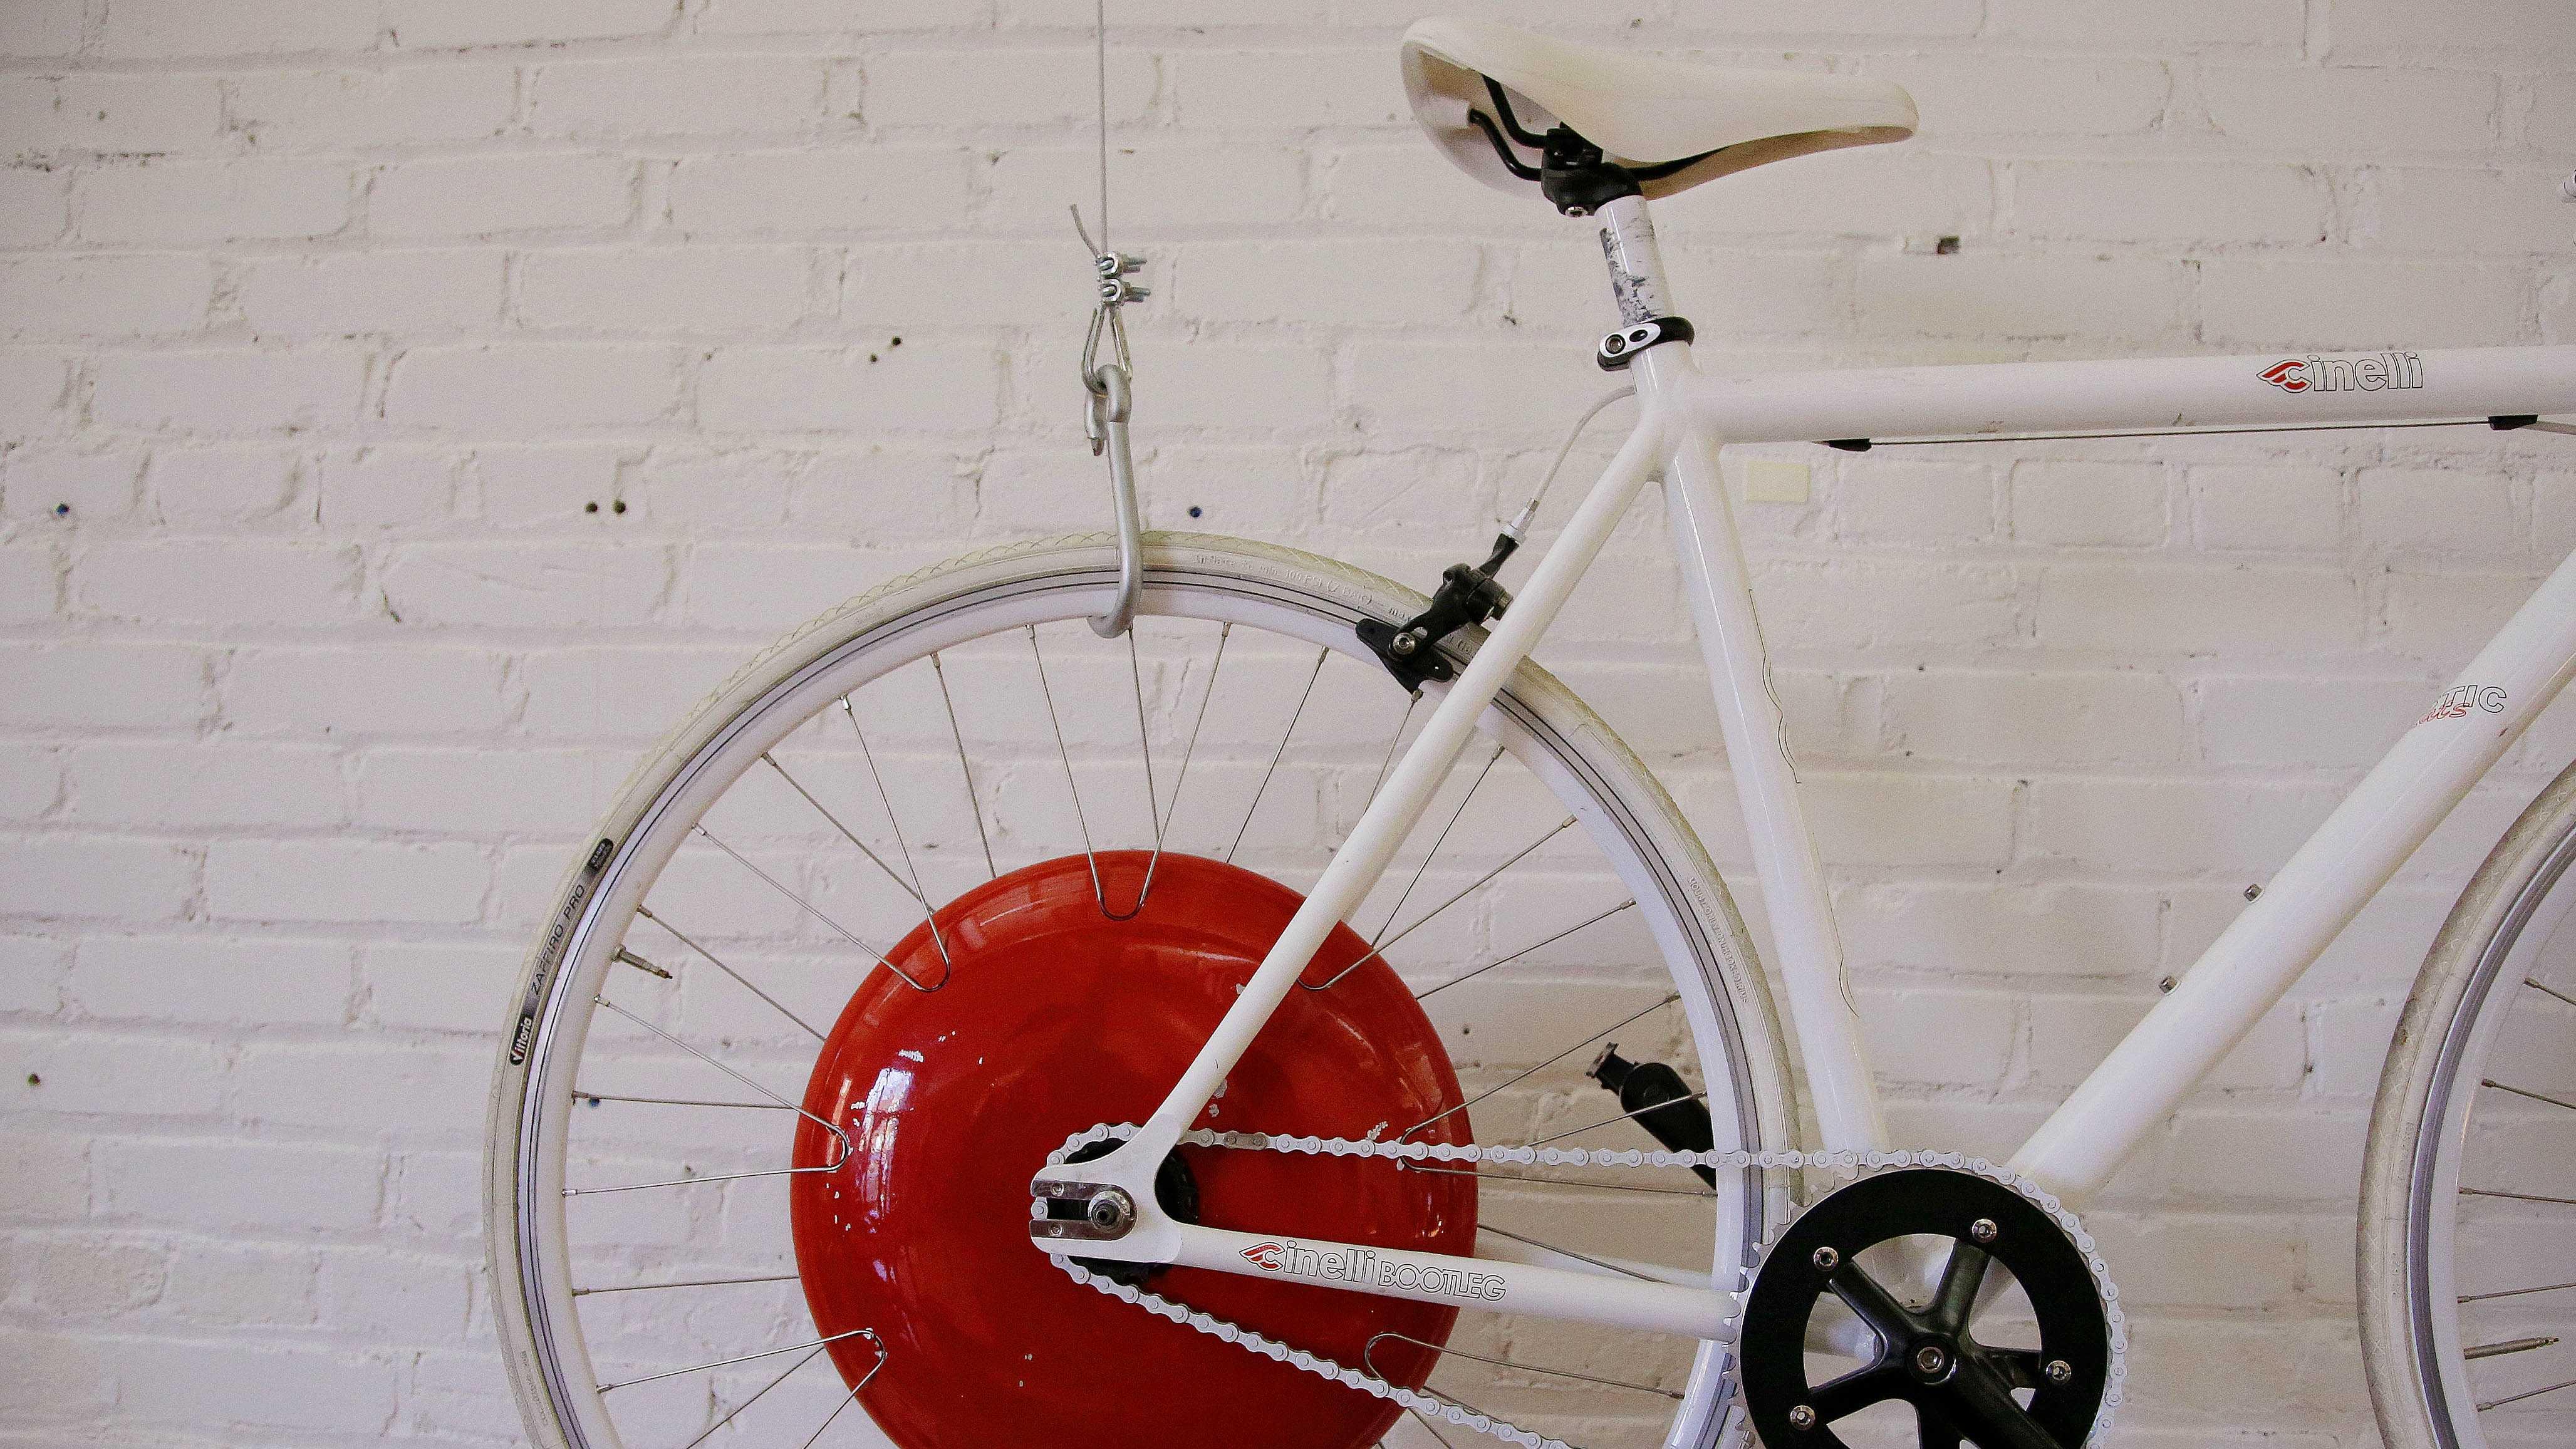 Copenhagen Wheel smart bicycle MIT 121813